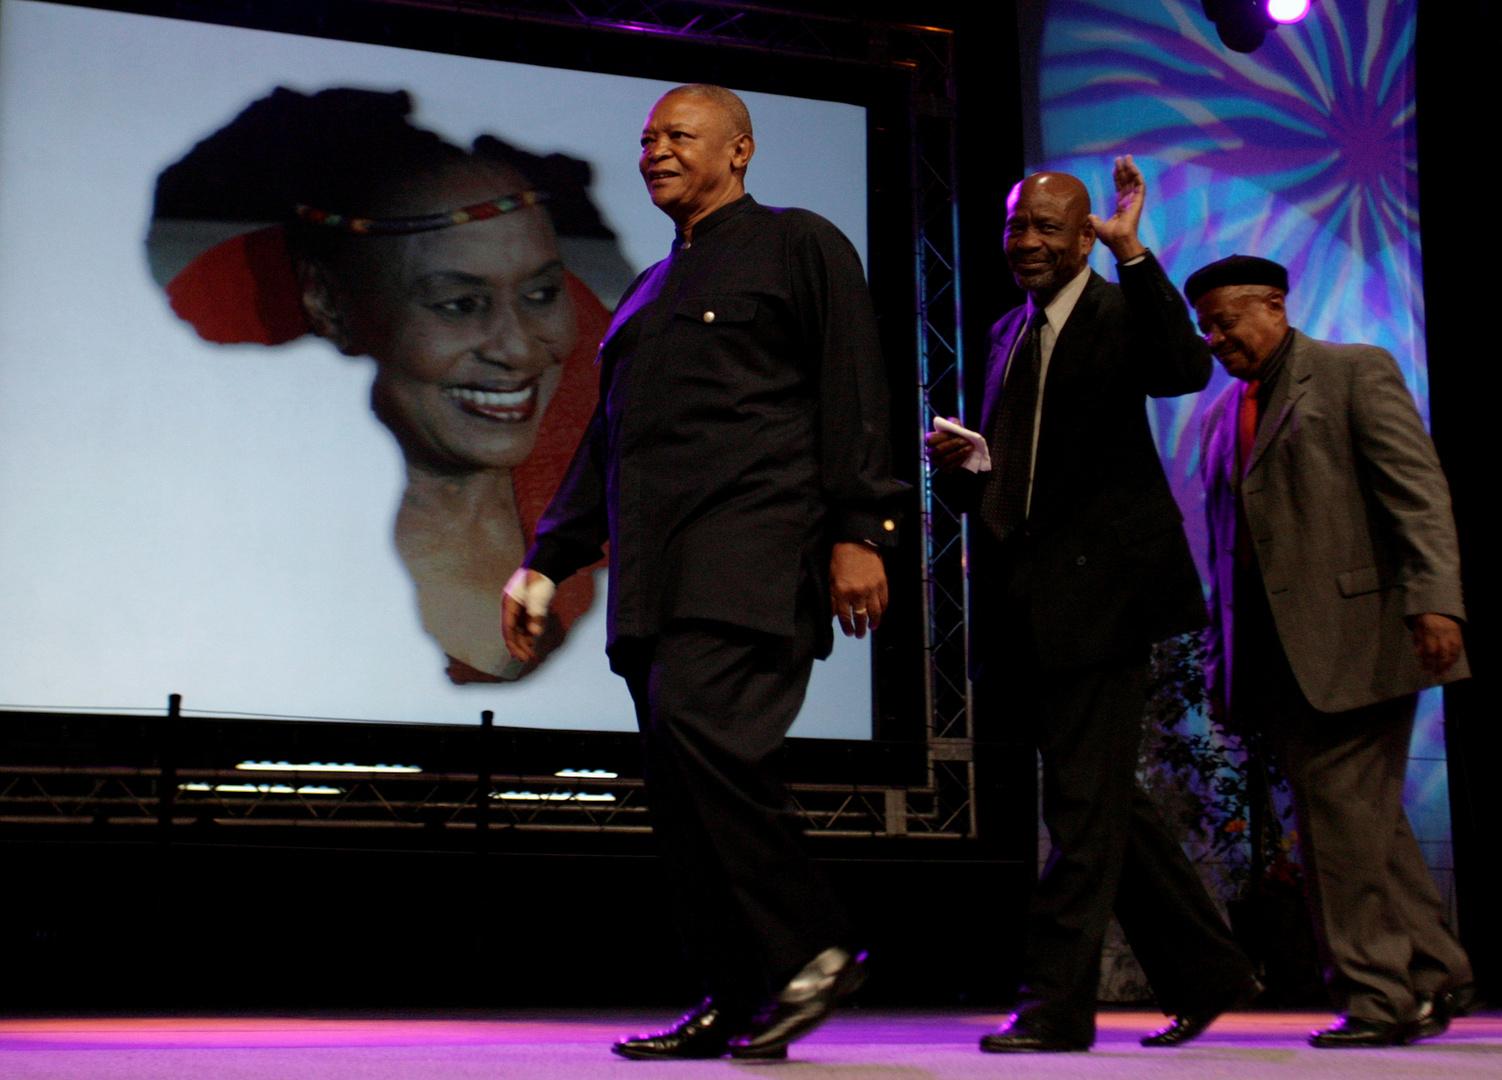 جنوب إفريقيا.. وفاة عملاق موسيقى الجاز جوناس غوانغا عن عمر يناهز 83 عاما